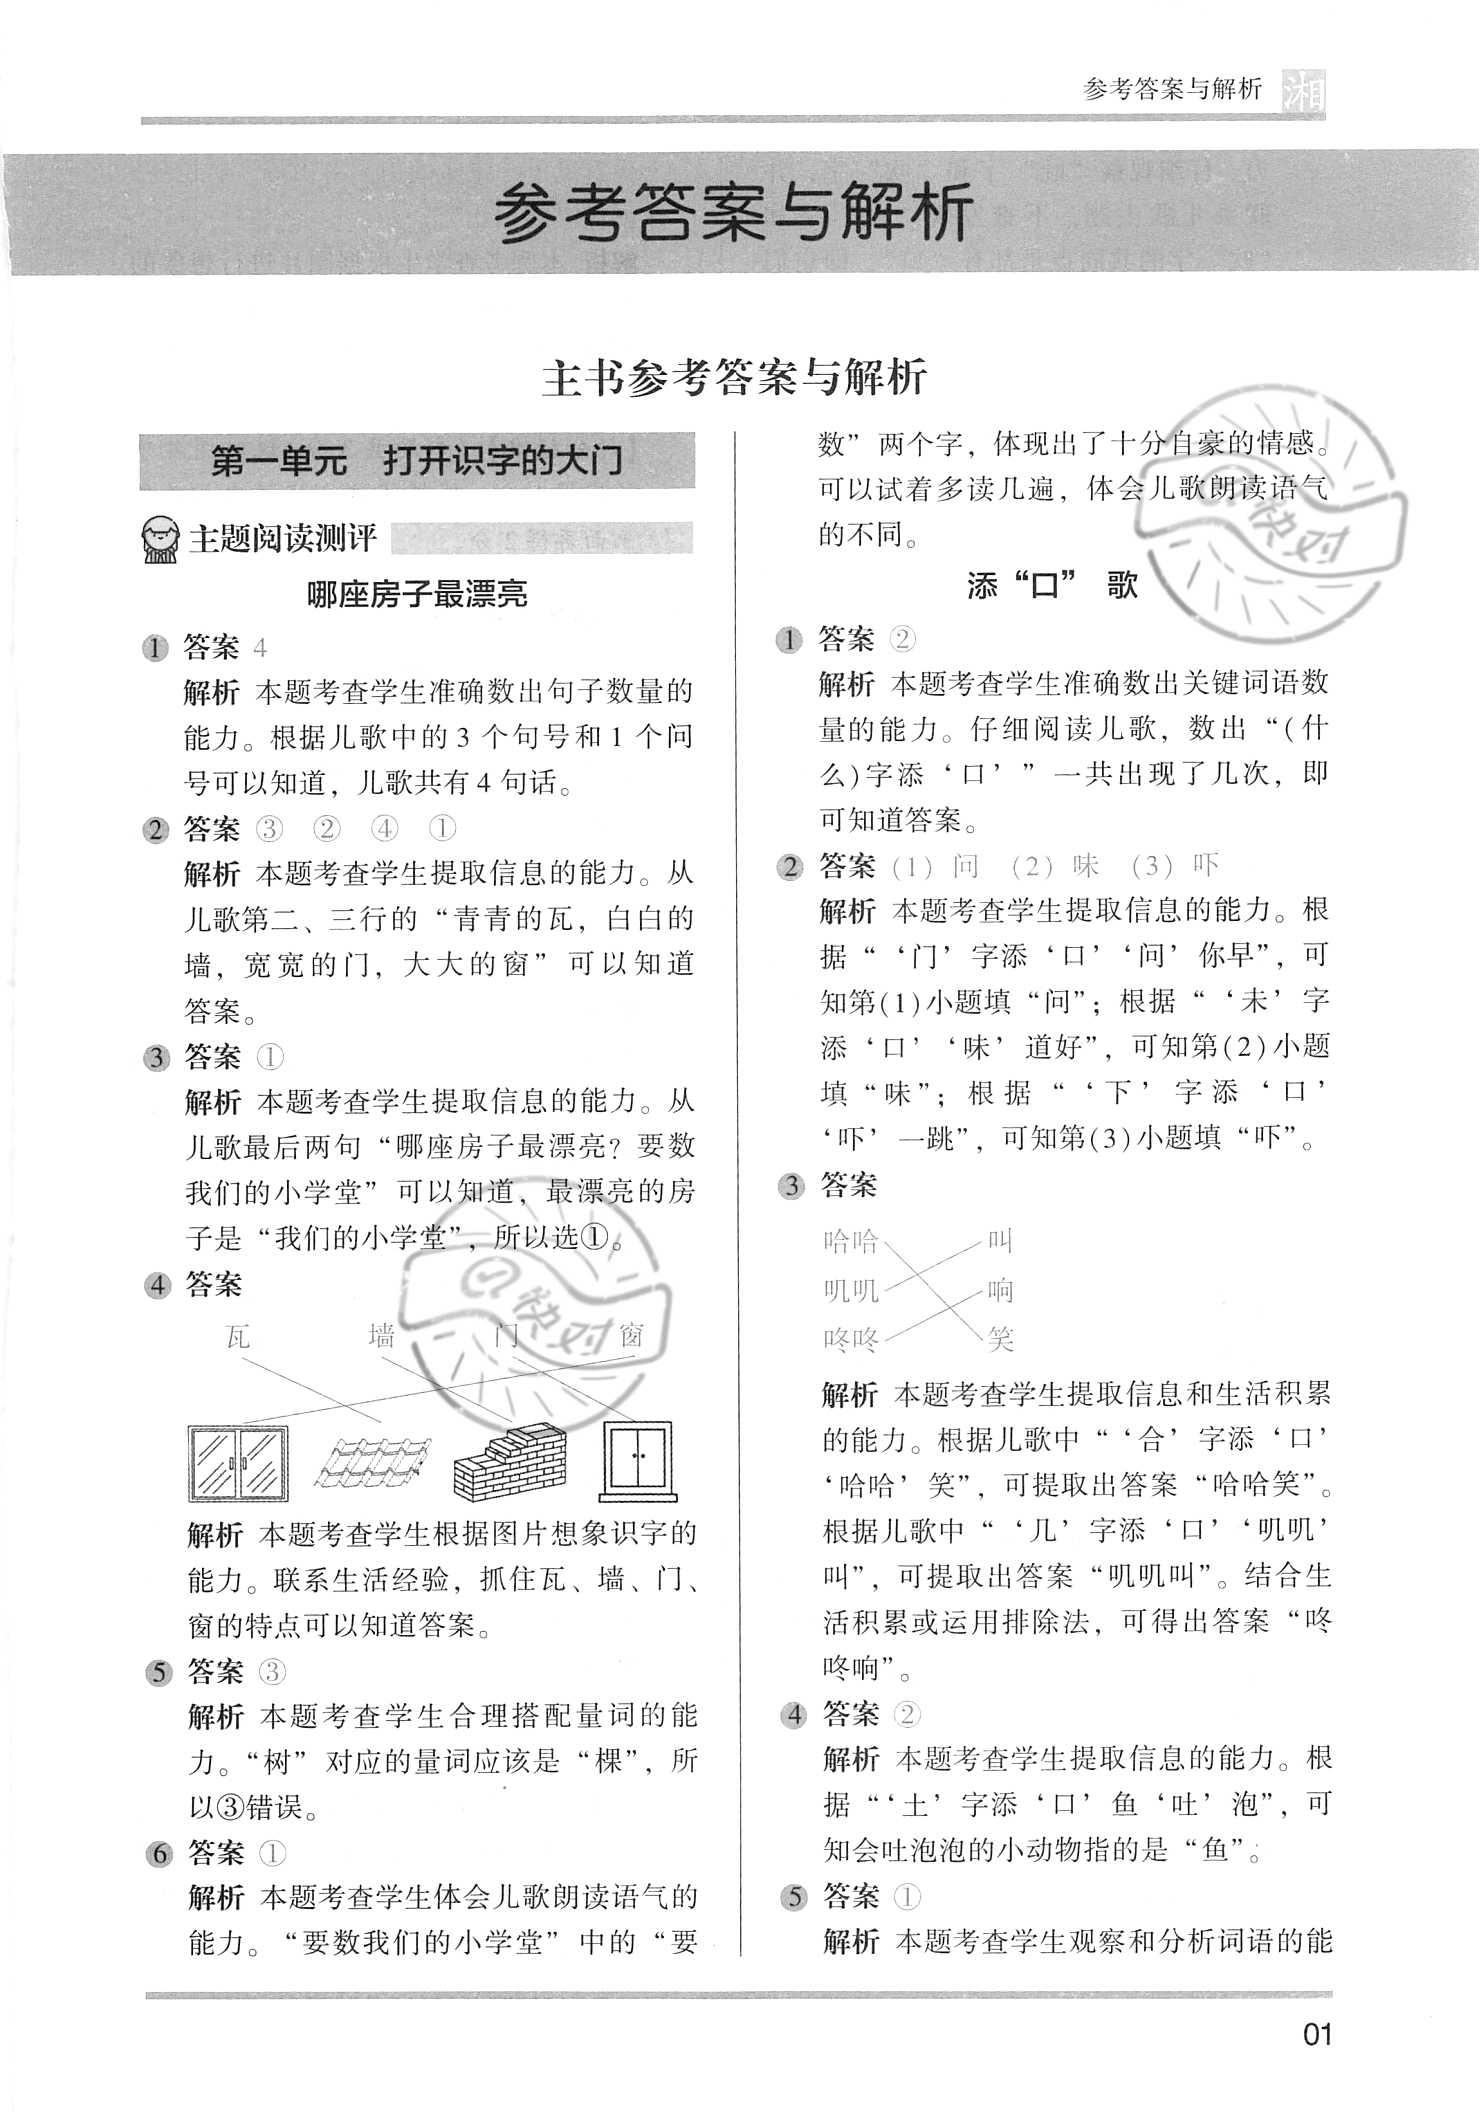 2021年木头马阅读力测评(A版)一年级语文湖南专版